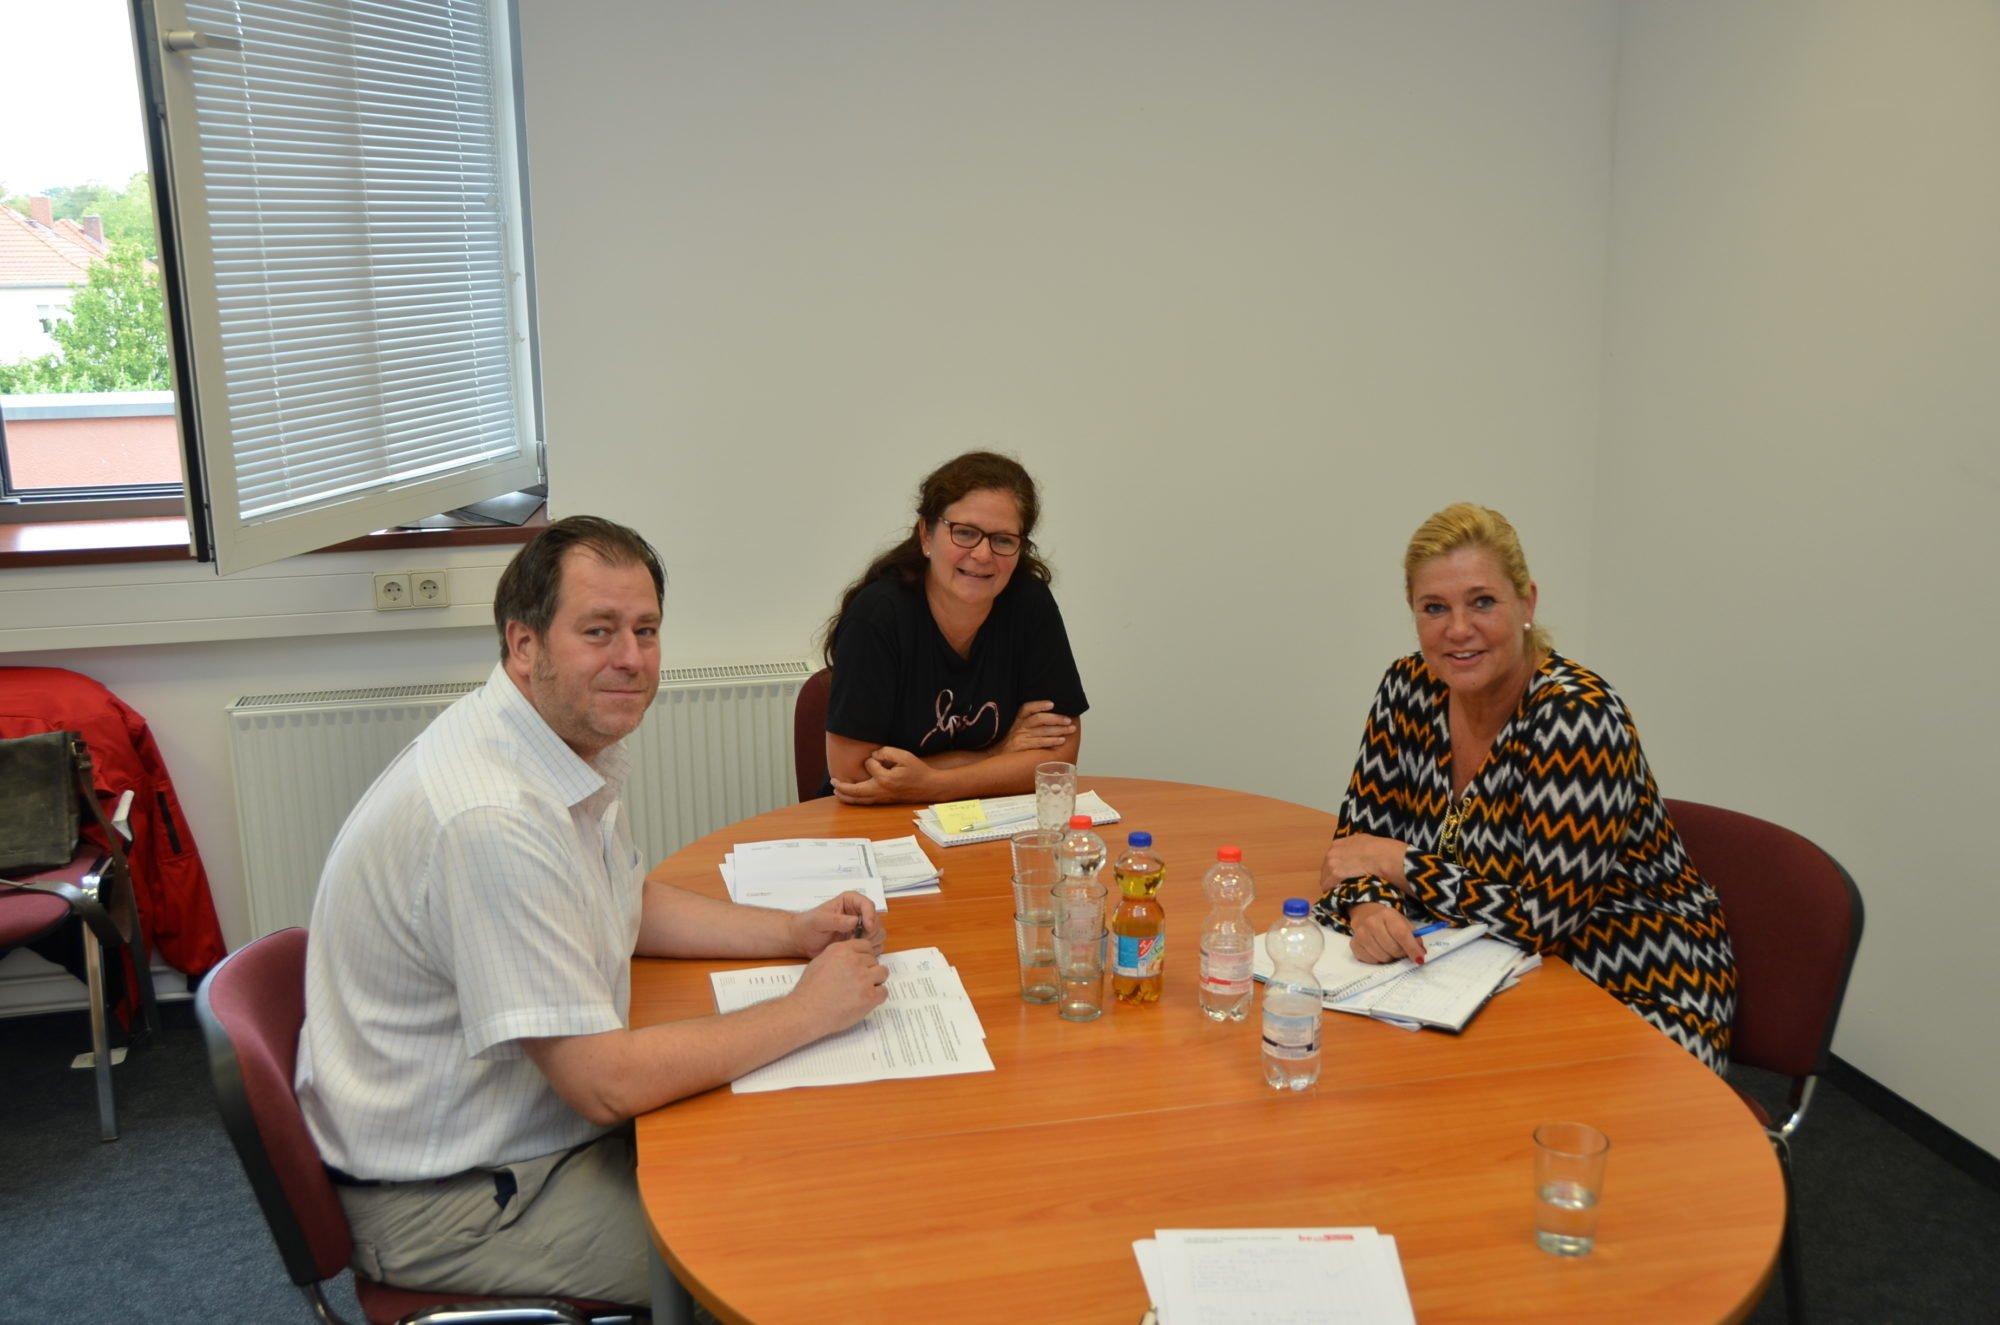 Die Pflegedienstleitung sitzt an einem Tisch. Von links nach rechts sitzen Andreas Seitz, Kathleen Beyer und Anett Leonhardt